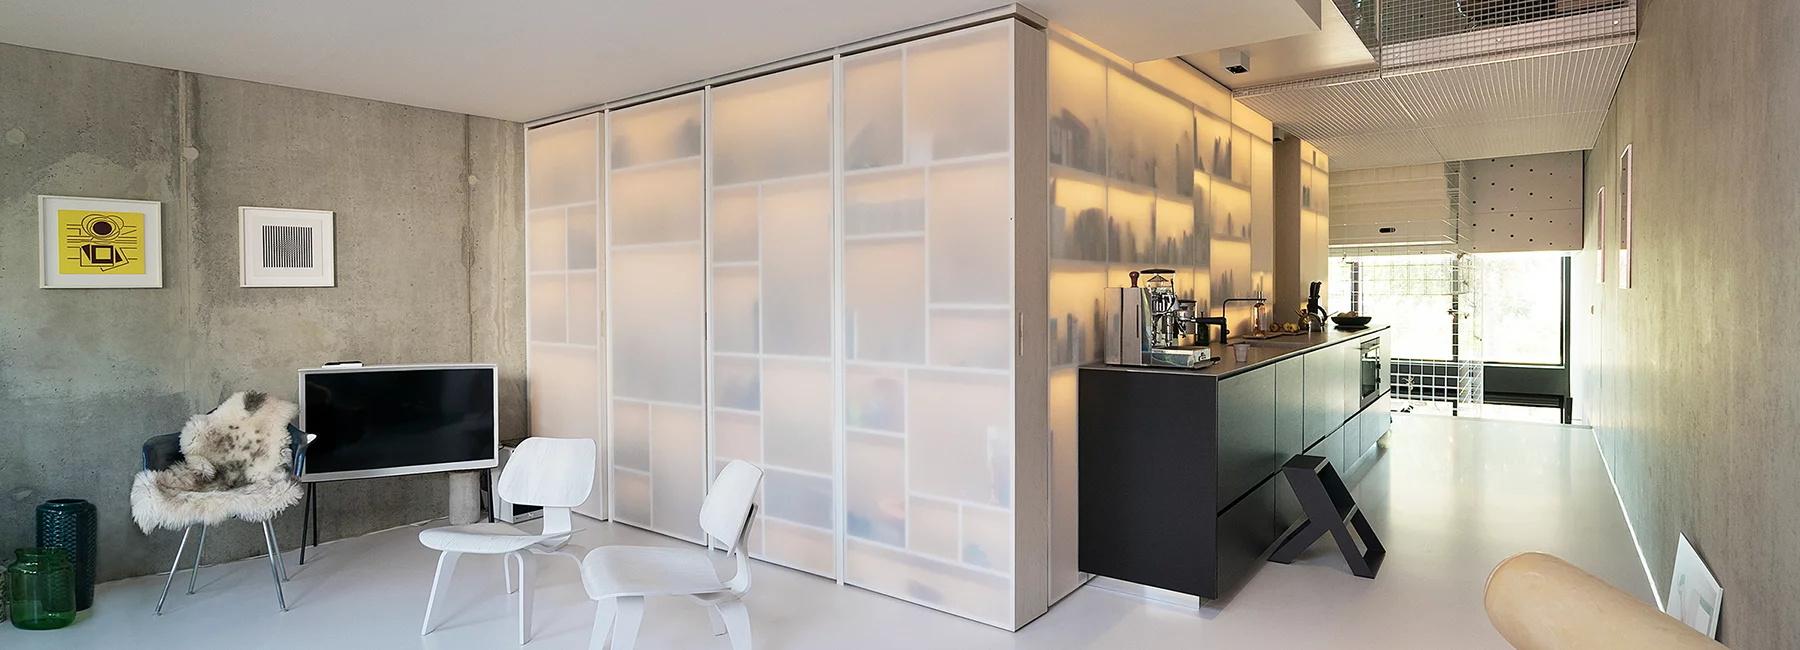 阿姆斯特丹casco loft住宅空间设计